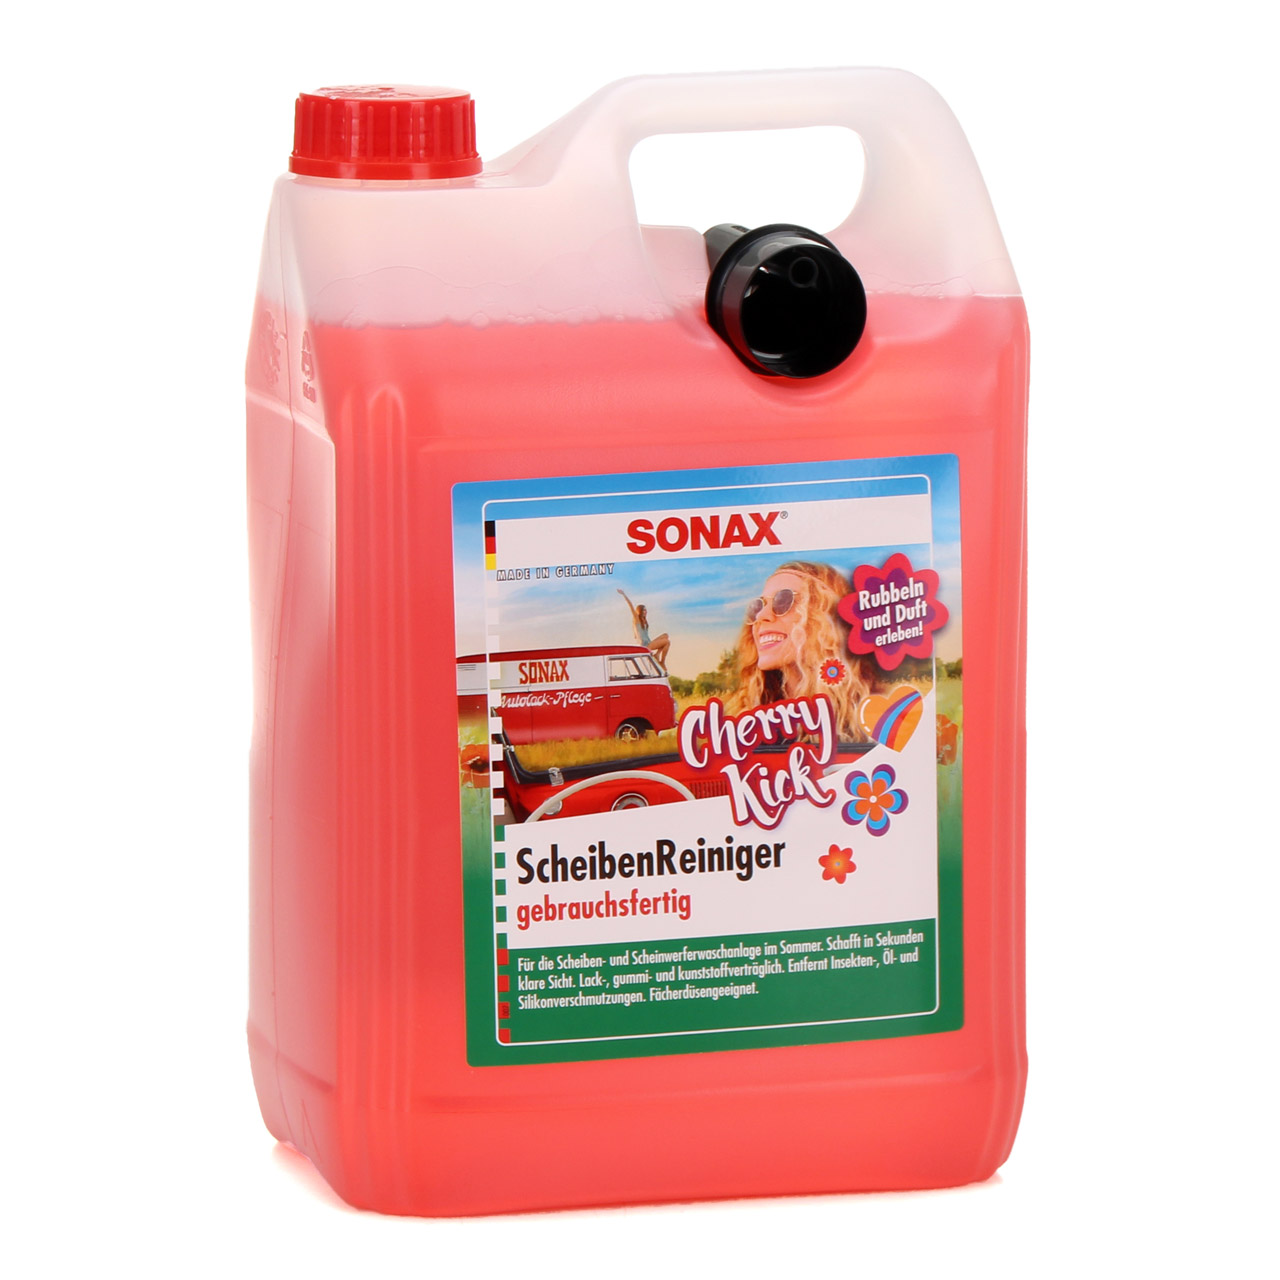 SONAX 392500 ScheibenReiniger gebrauchsfertig Cherry Kick 2x 5L 5 Liter